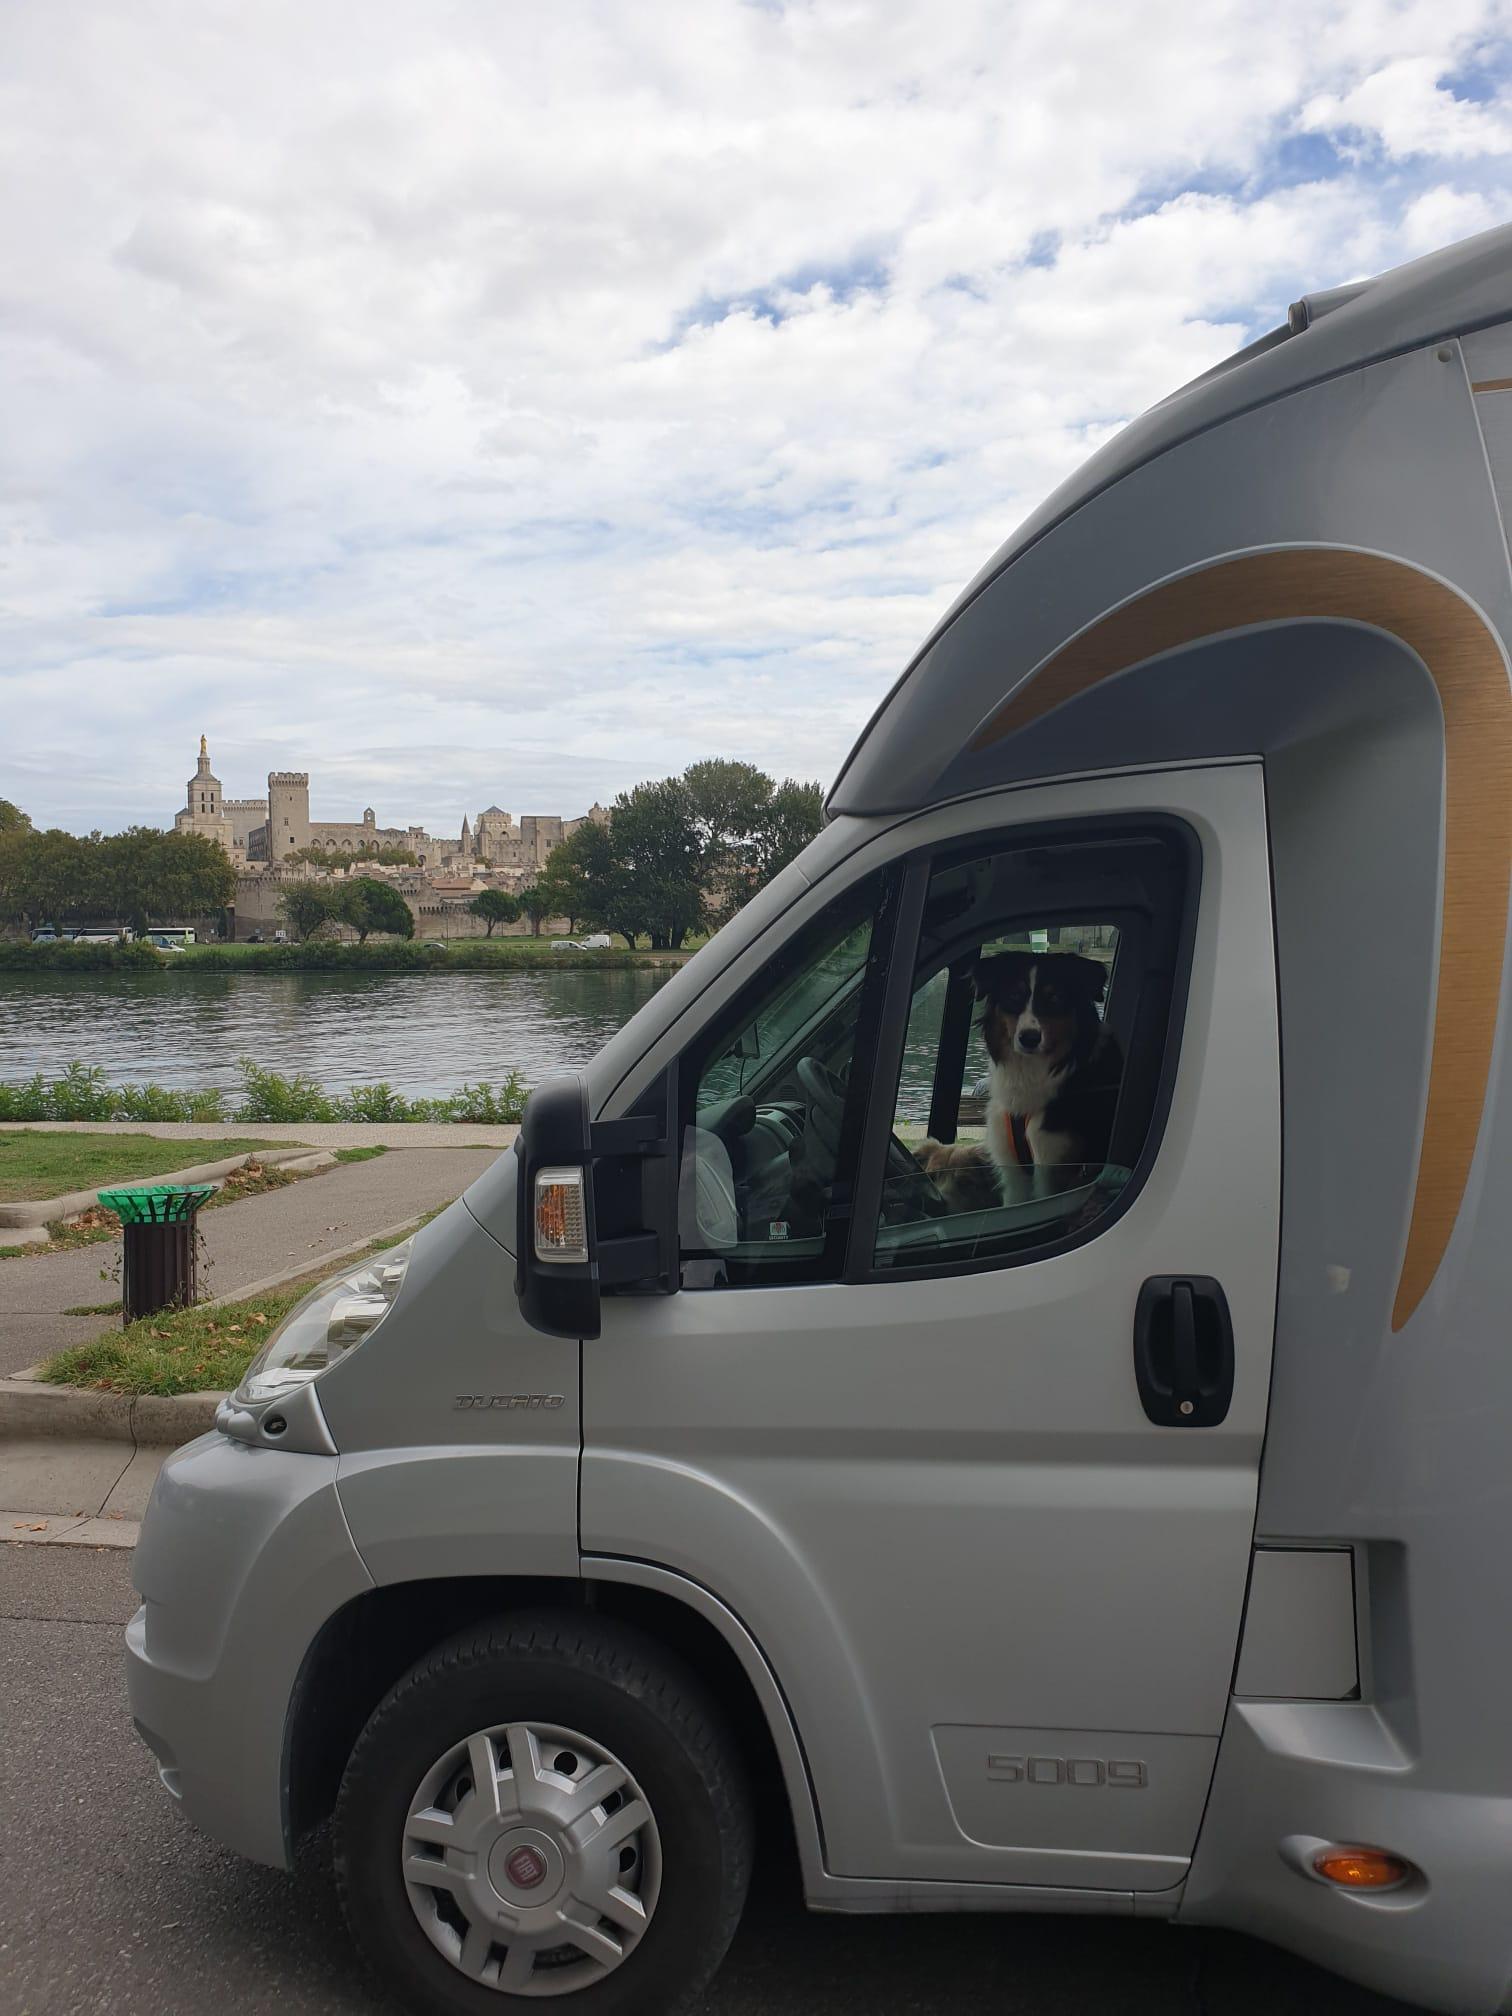 Prêtes pour visiter Avignon